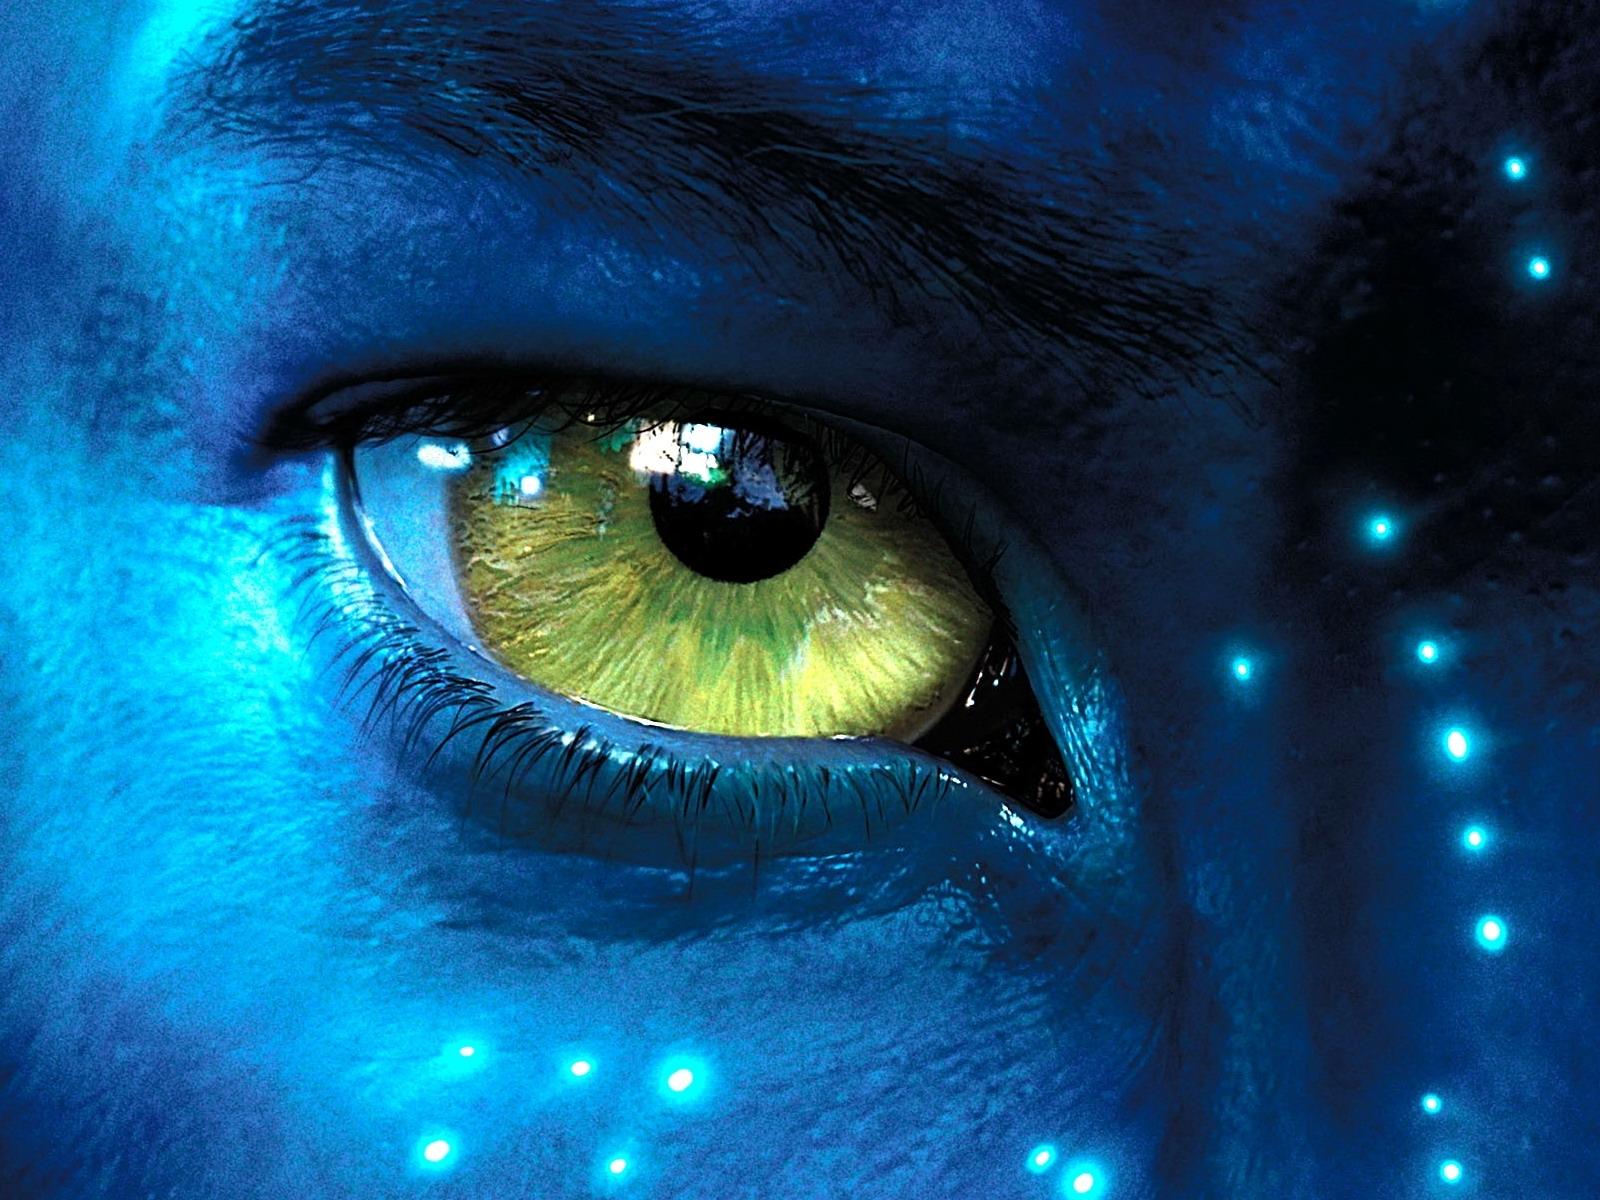 2227 Hintergrundbild herunterladen Kino, Avatar - Bildschirmschoner und Bilder kostenlos